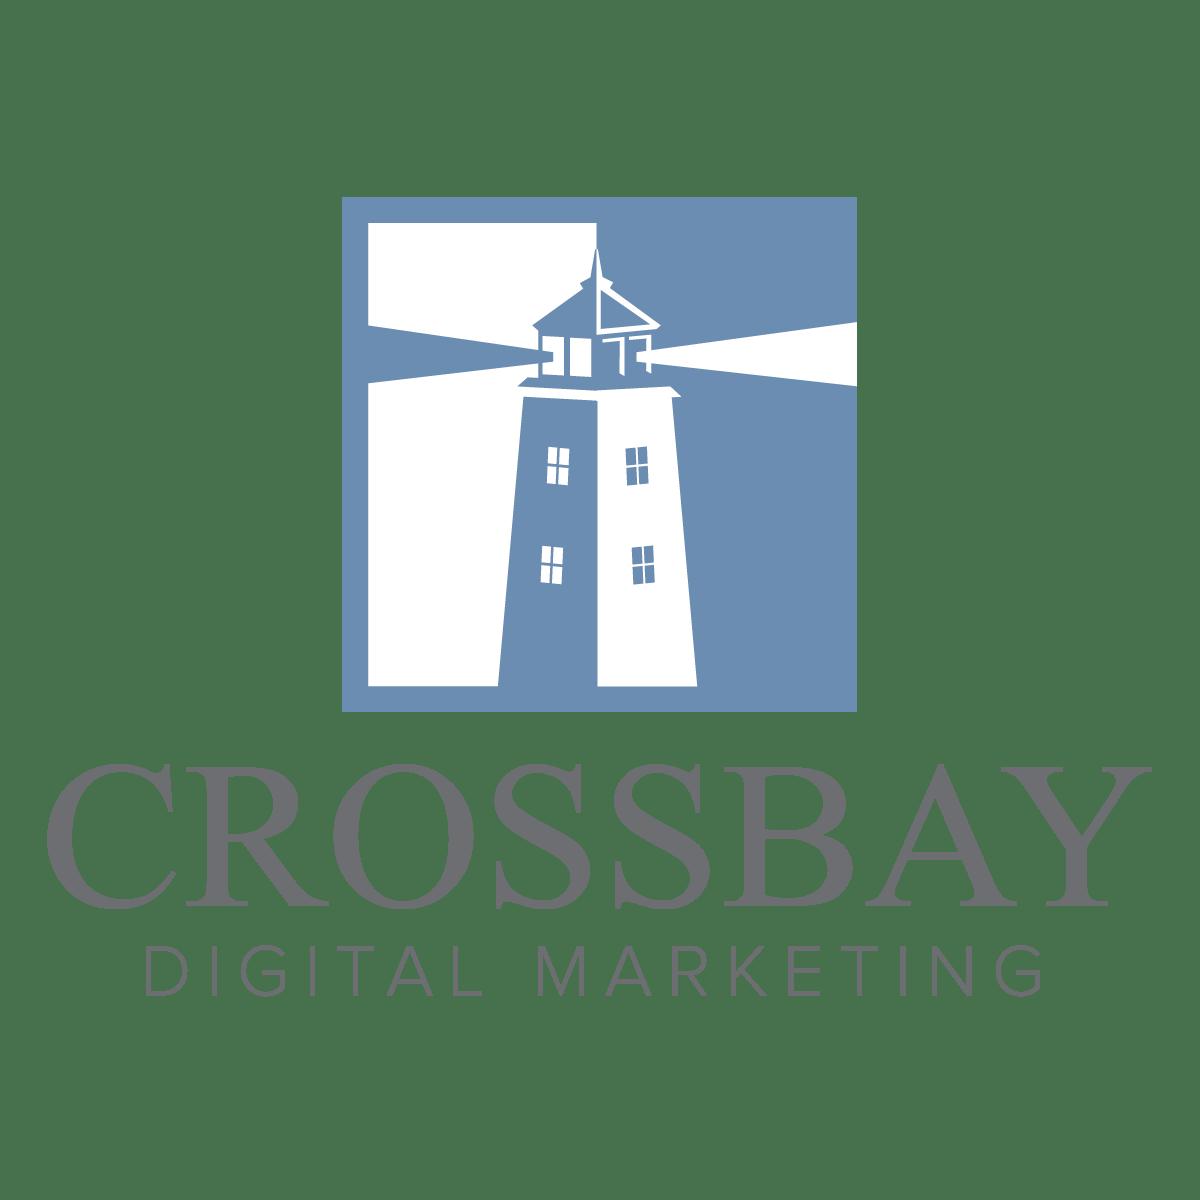 CrossBay Digital Marketing | C.J. Ezell